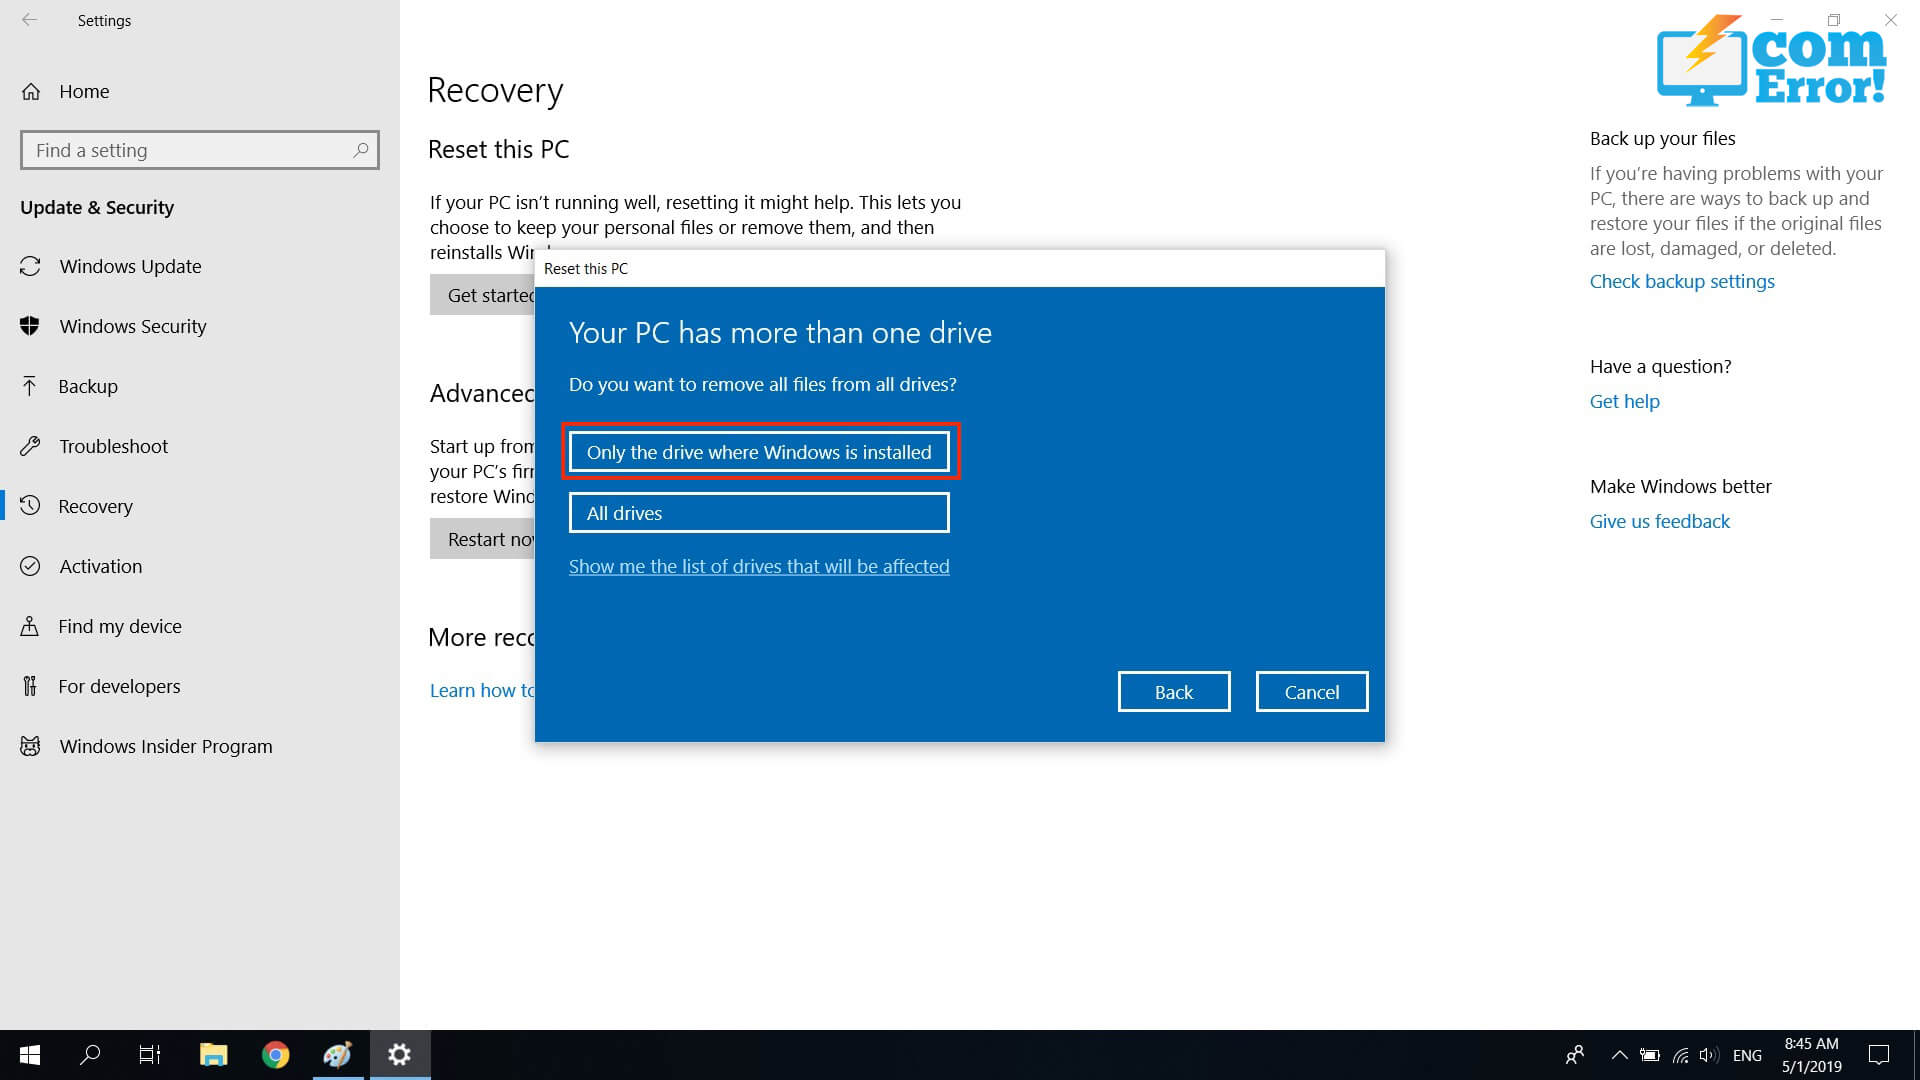 วิธี Reset Windows 10 ให้เหมือนออกมาใหม่จากโรงงาน